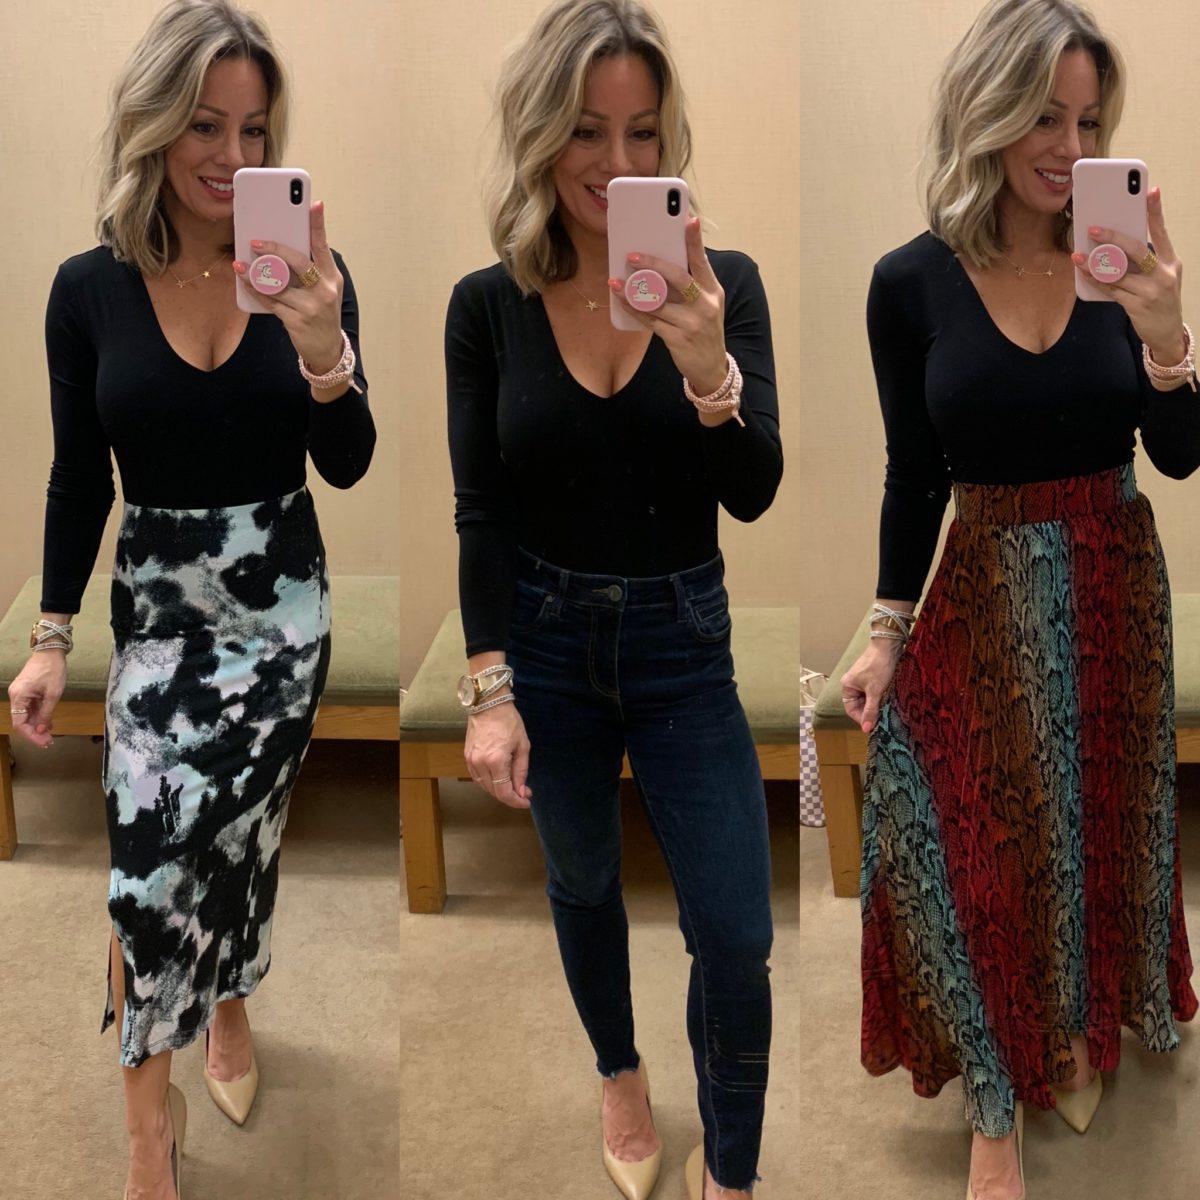 Black Bodysuit, Tie Dye Skirt, Skinny Jeans, Snakeskin Skirt